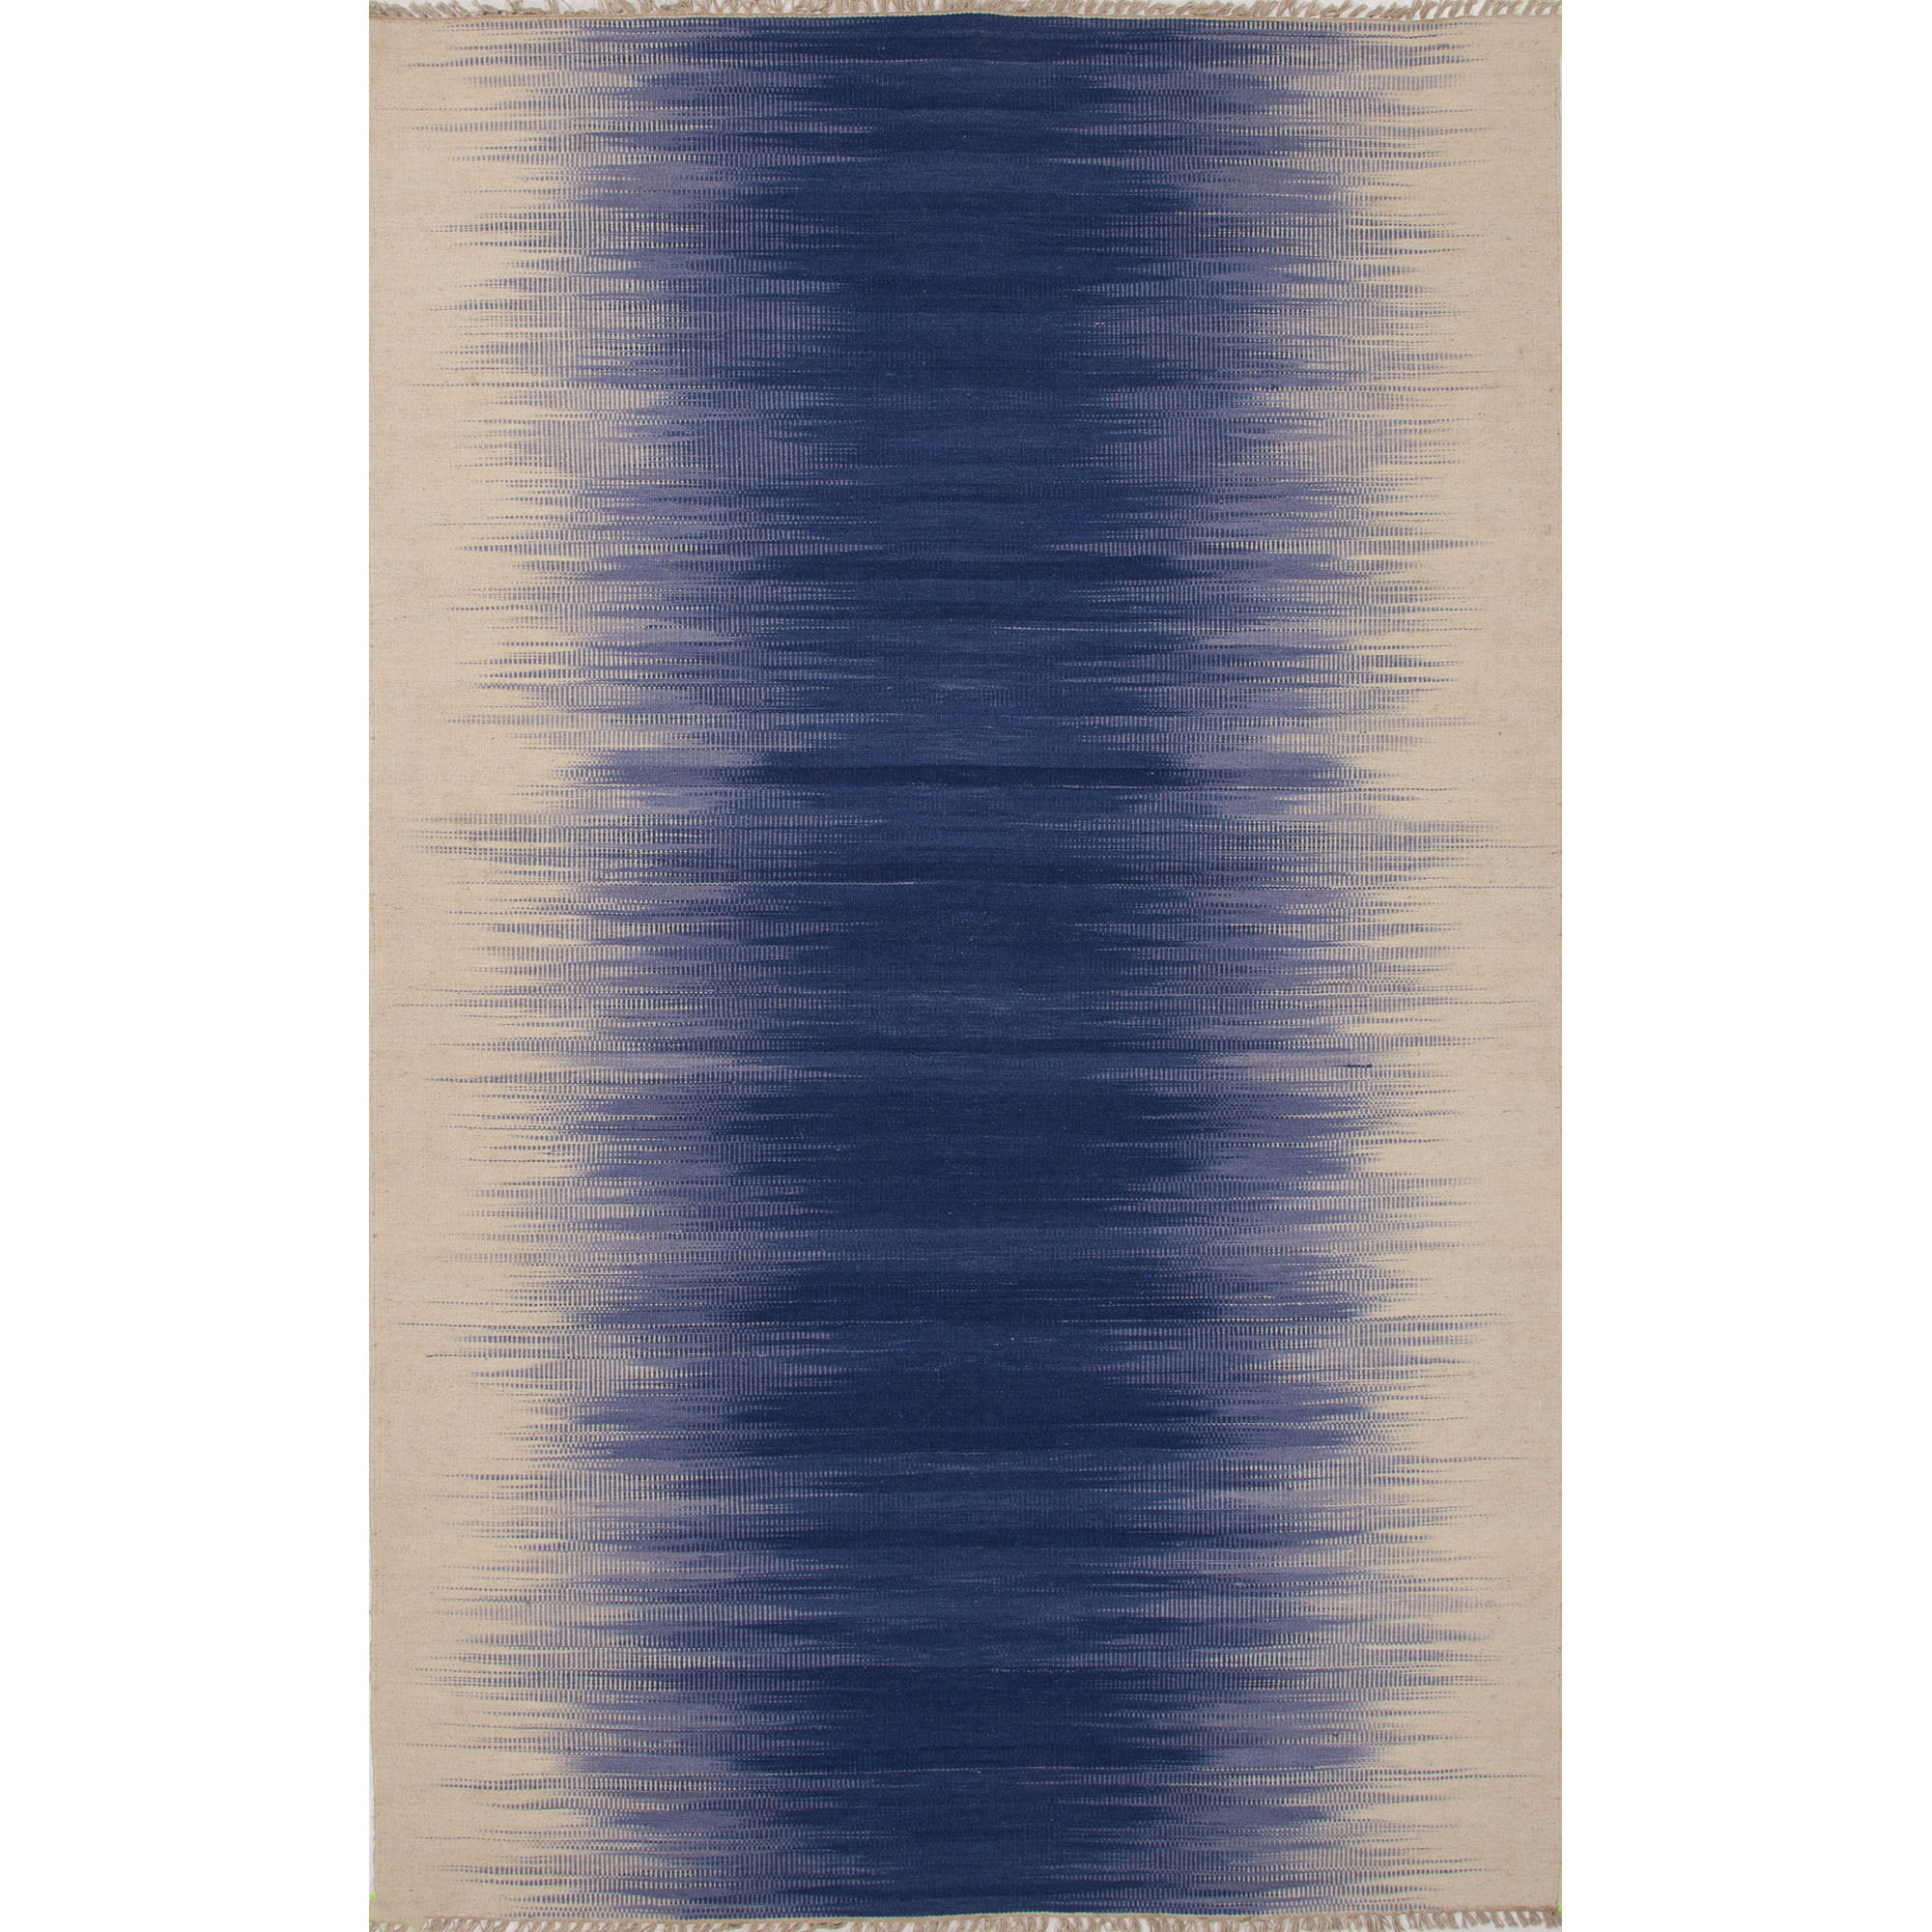 JAIPUR Rugs Spectra 2 x 3 Rug - Item Number: RUG122419